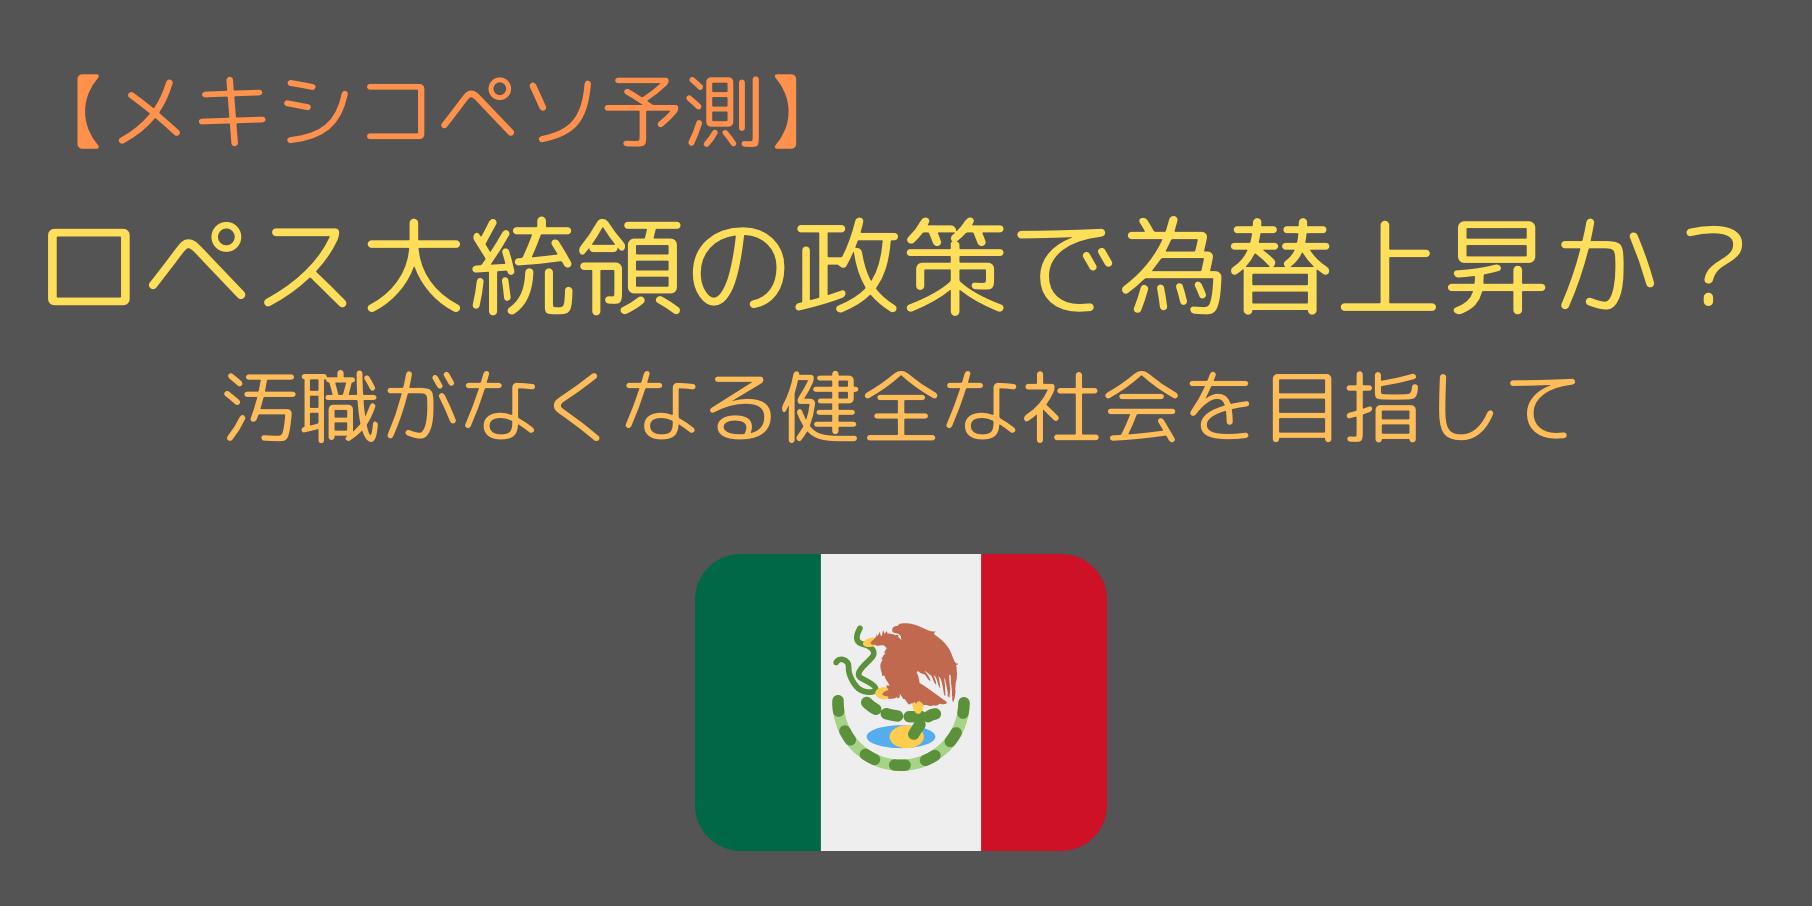 ロペス大統領の政策